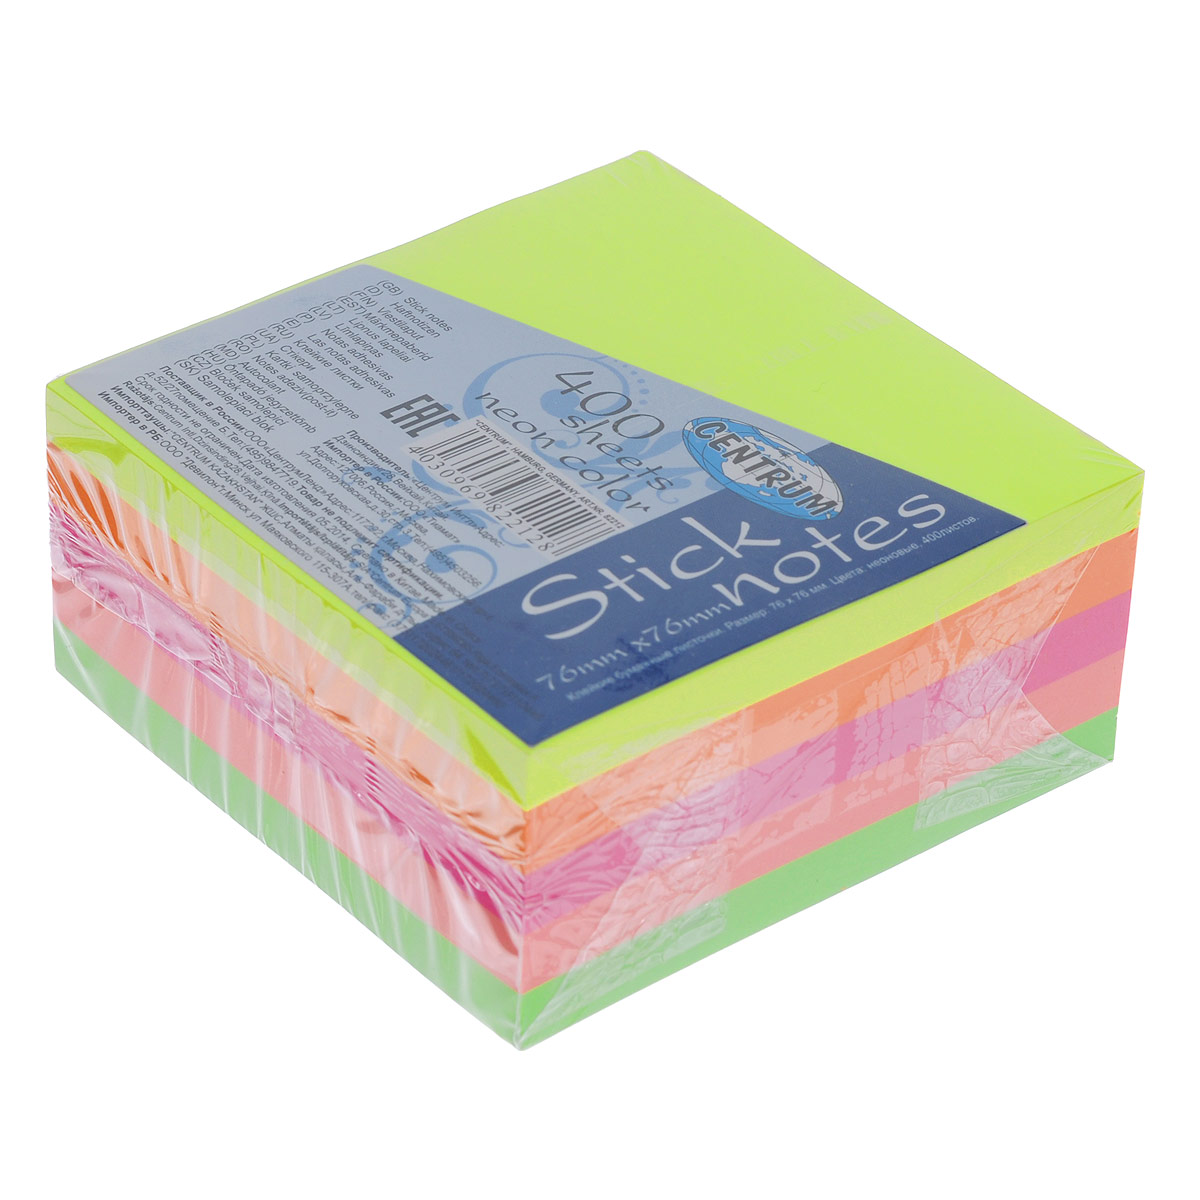 Блок для записей Centrum, с липким слоем, 7,6 см х 7,6 см82212Цветная бумага из блока Centrum идеально подойдет для важных пометок и записей. Яркие неоновые оттенки и высокое качество выделяют предлагаемую бумагу из ряда подобных. Блок состоит из 400 квадратных листочков с липким слоем оранжевого, салатового, желтого, розового и ярко-розового цветов (по 80 листочков каждого цвета).